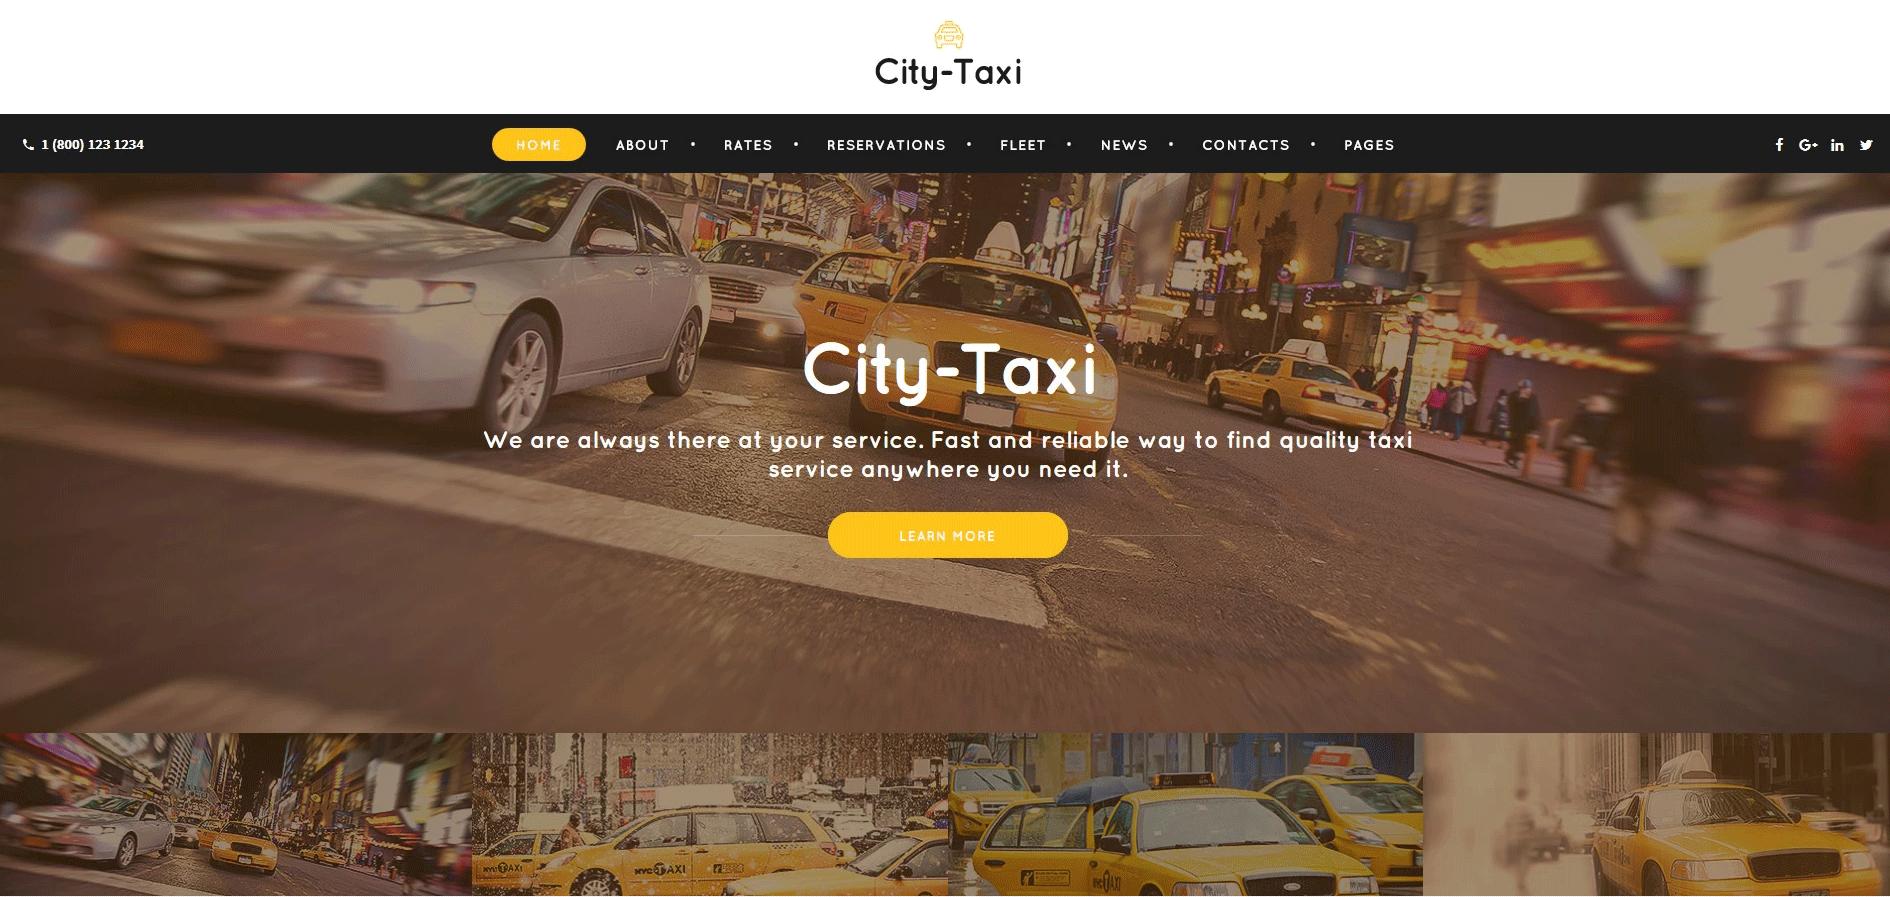 CityTaxi